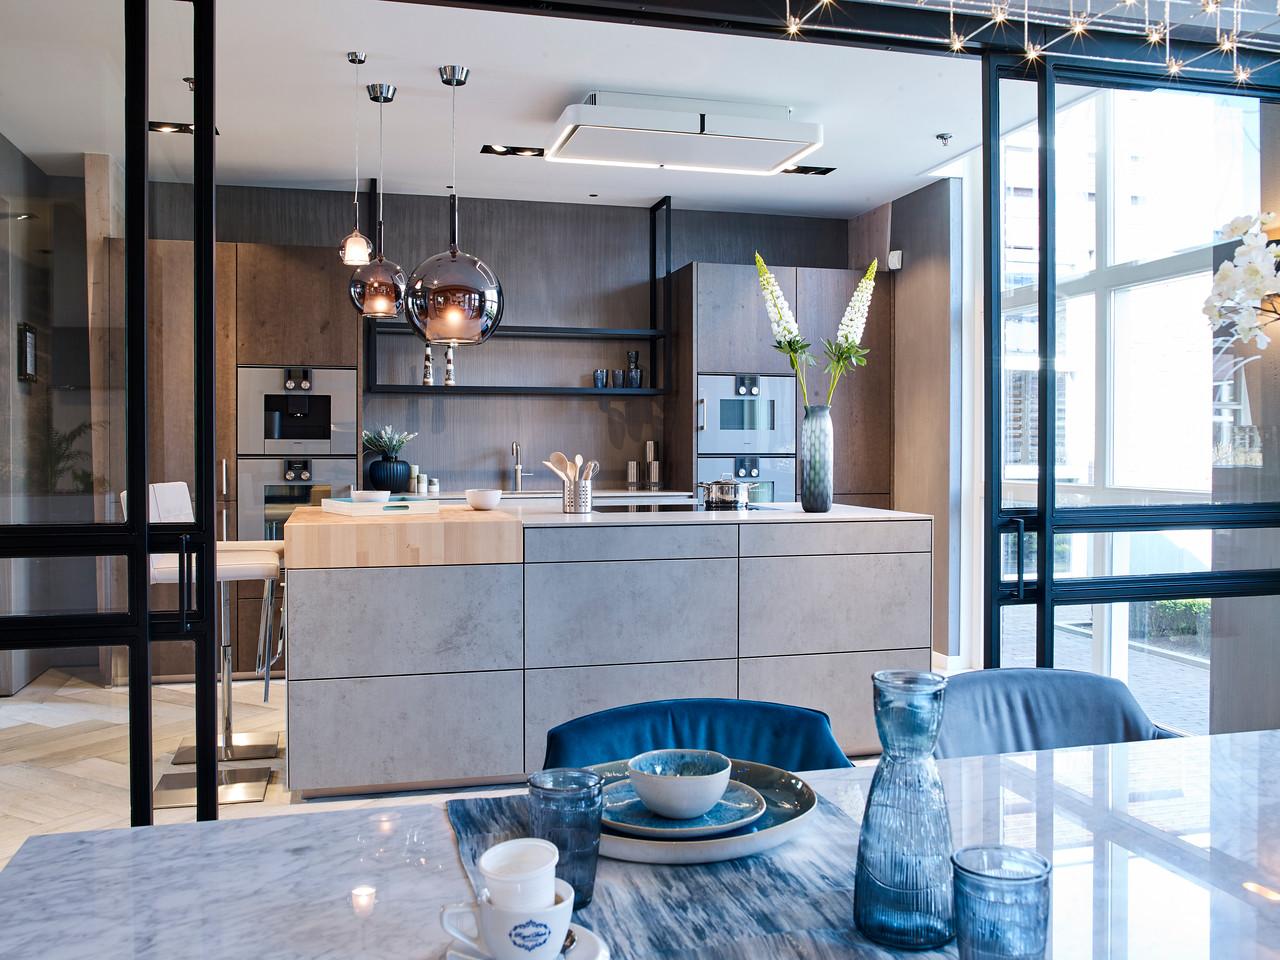 Designkeuken met hout en betonlook. next125 keuken NX950 NX620 #keuken #designkeuken #next125 #betonlook #keuken